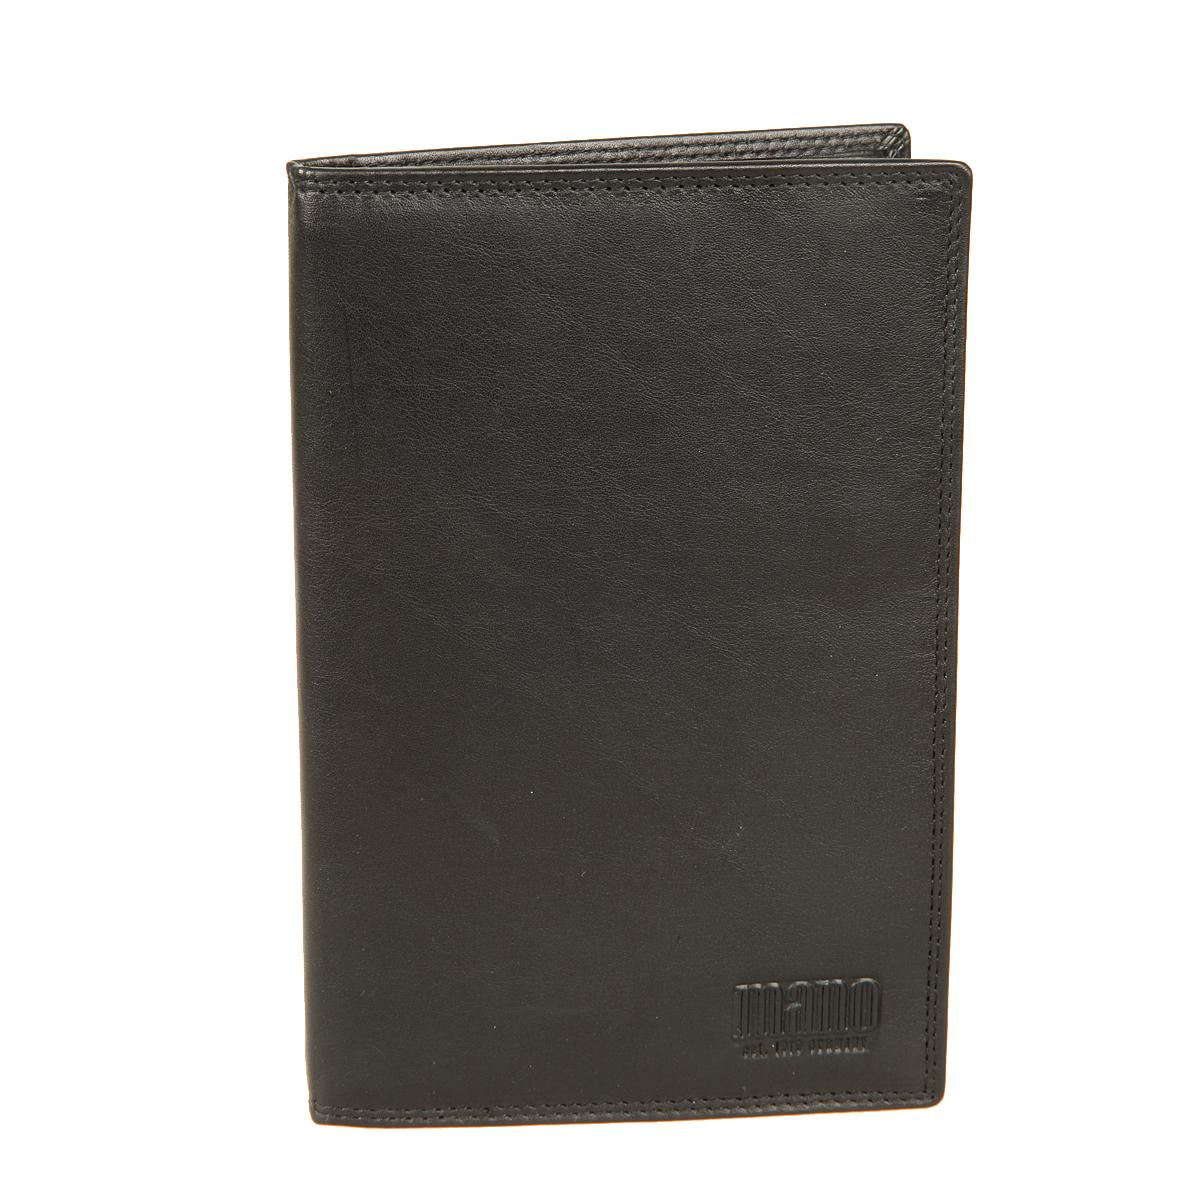 Портмоне Mano, цвет: черный. 19011BM8434-58AEПортмоне Mano выполнено из высококачественной натуральной кожи. Модель раскладывается пополам. Внутри три больших потайных кармана, один из них на молнии, шестнадцать карманов для пластиковых карт. Отделение для монет находится внутри, в нем есть кармашек для sim-карты - закрывается на клапан с кнопкой. Это элегантное портмоне непременно дополнит ваш образ и порадует простотой, стилем и функциональностью.